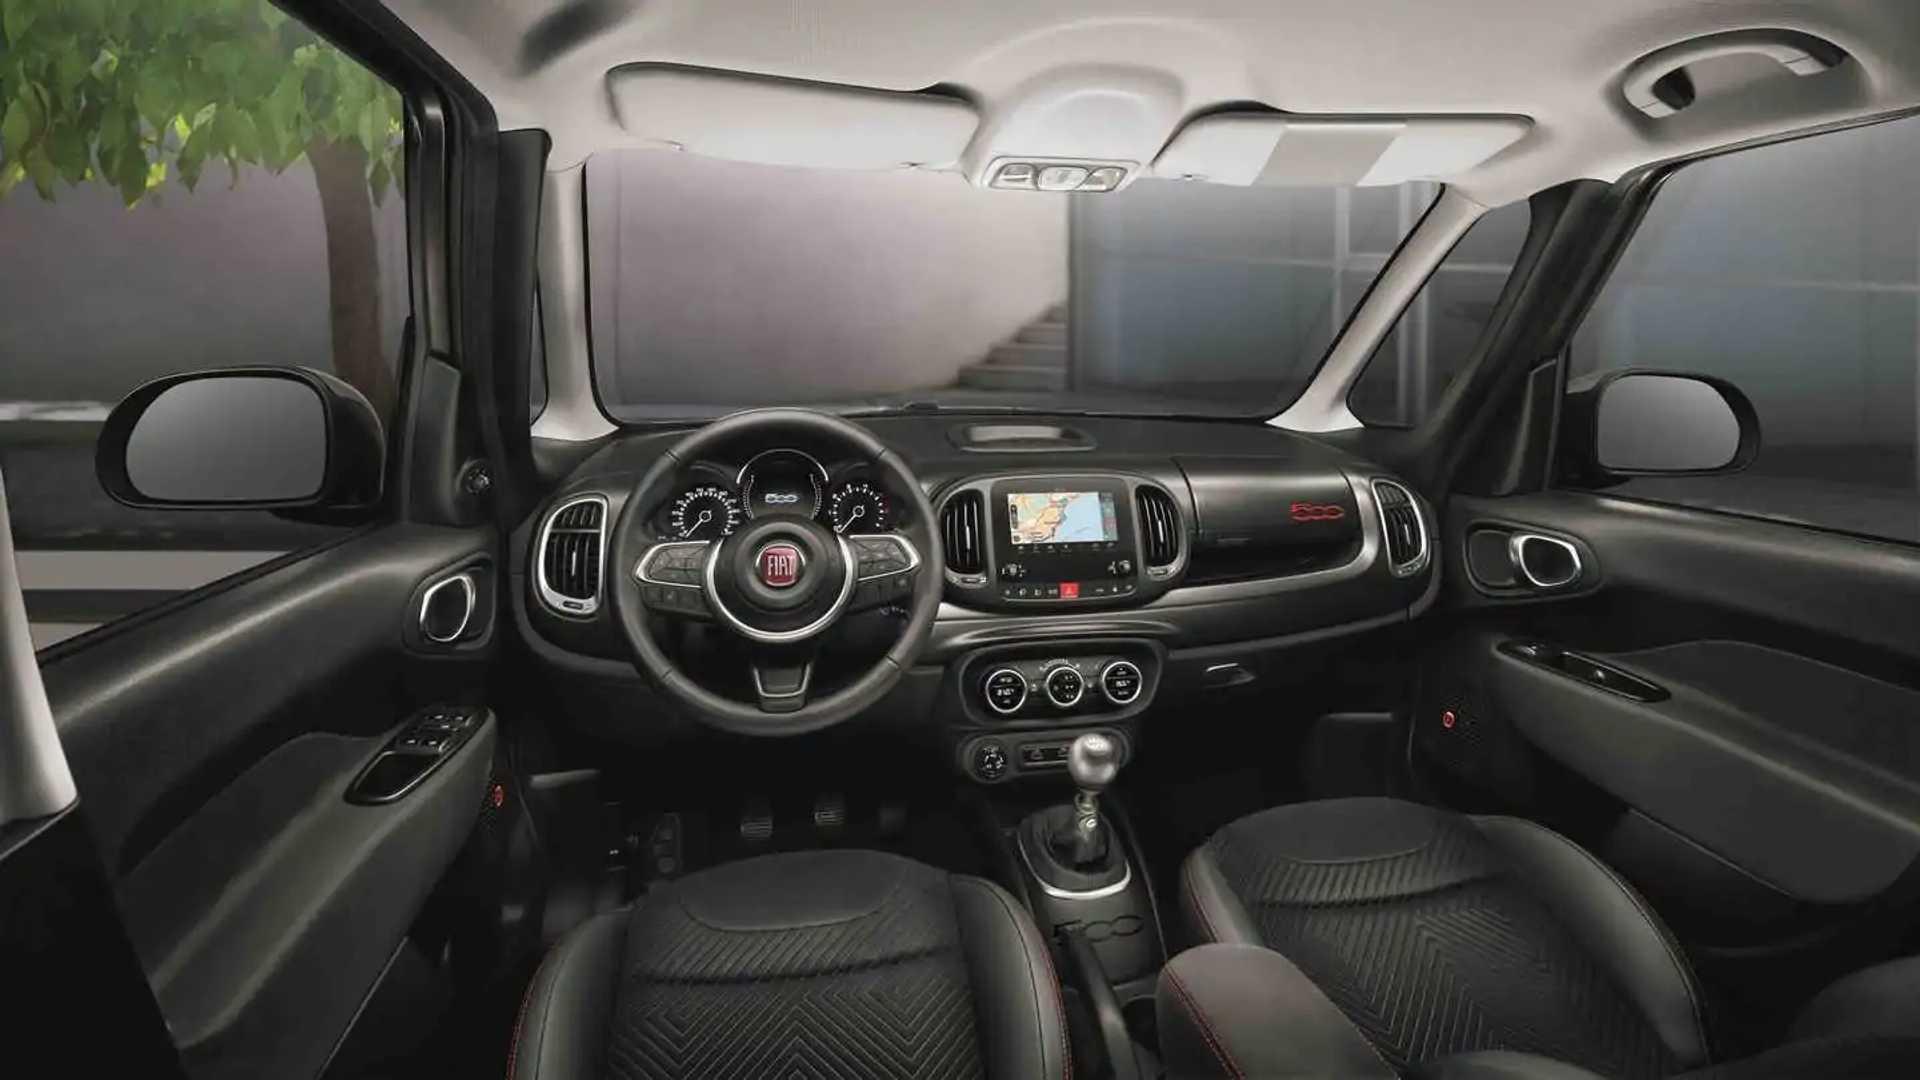 2020 Fiat 500L Speed Test